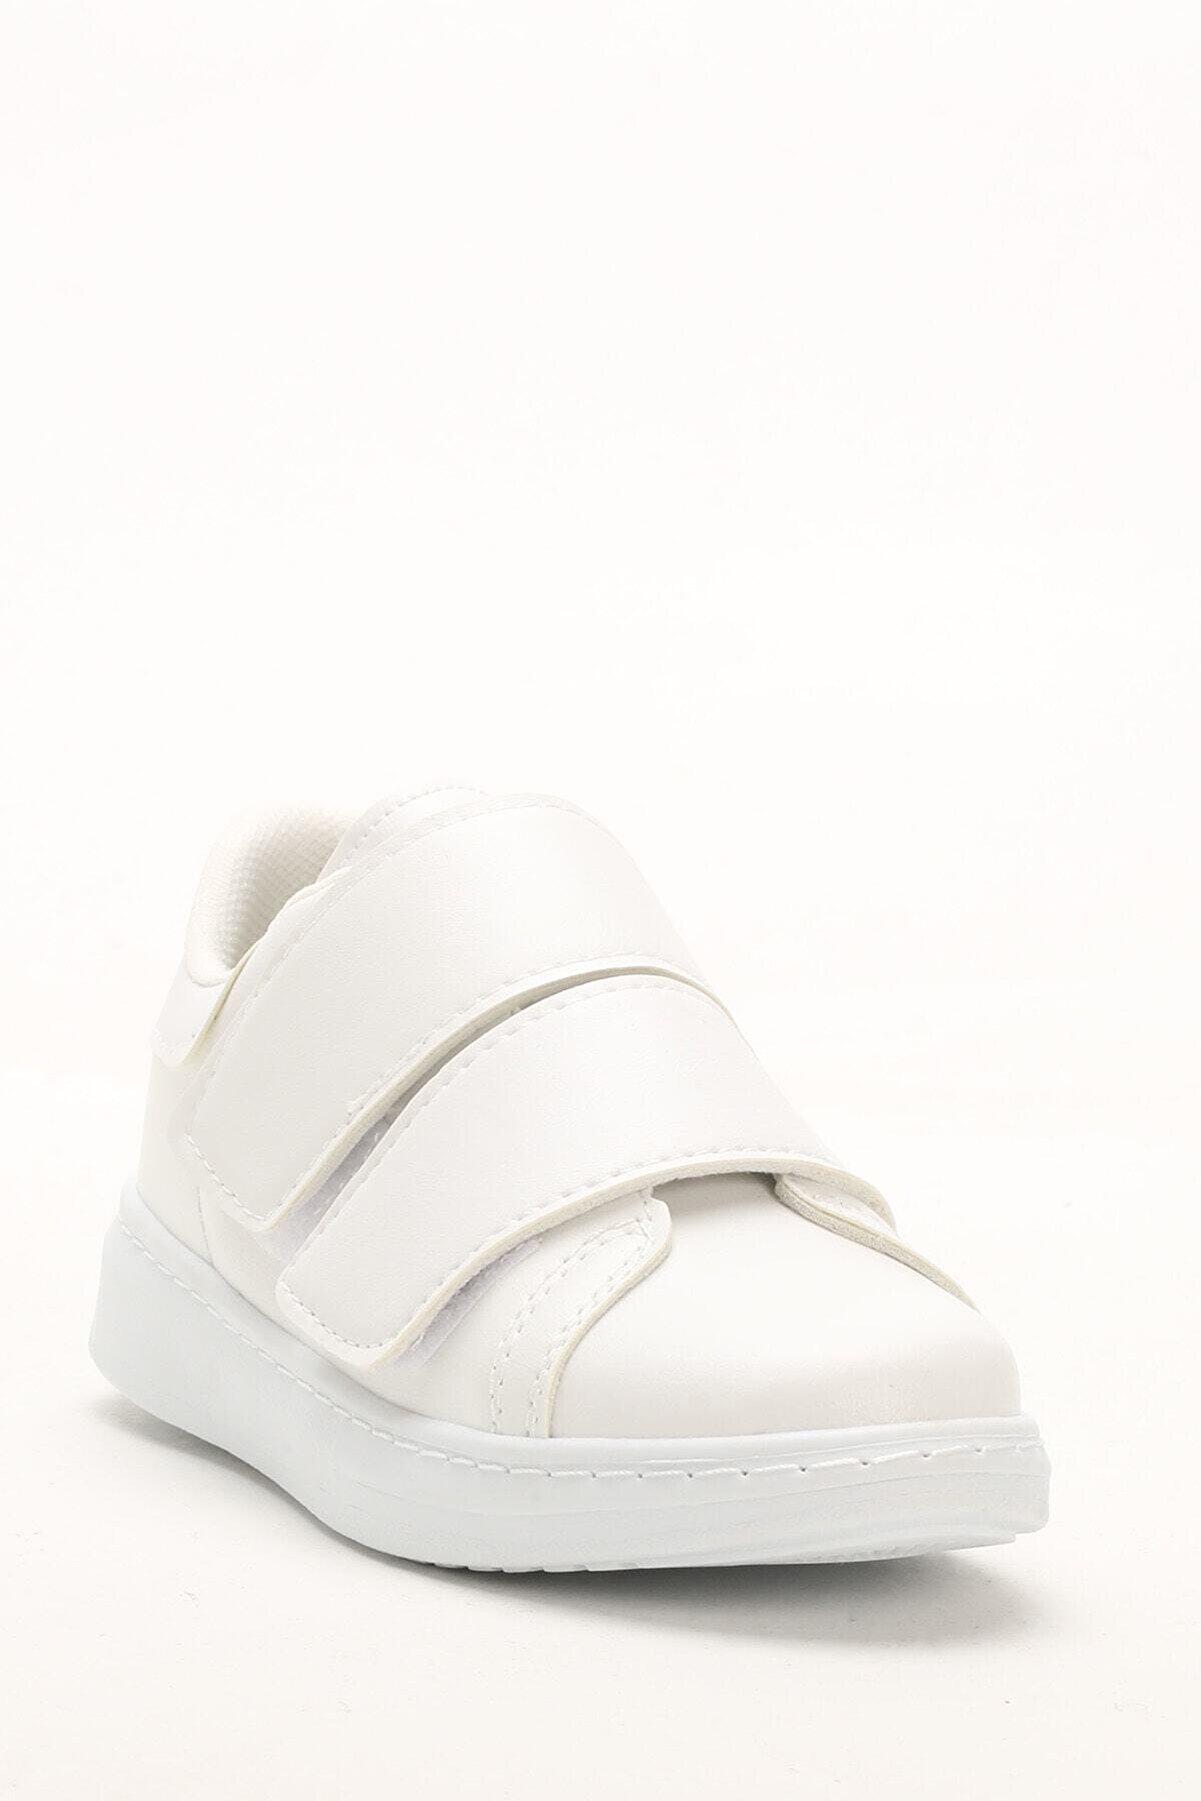 Sportmax Kadın Beyaz Bantlı Kadın Sneaker